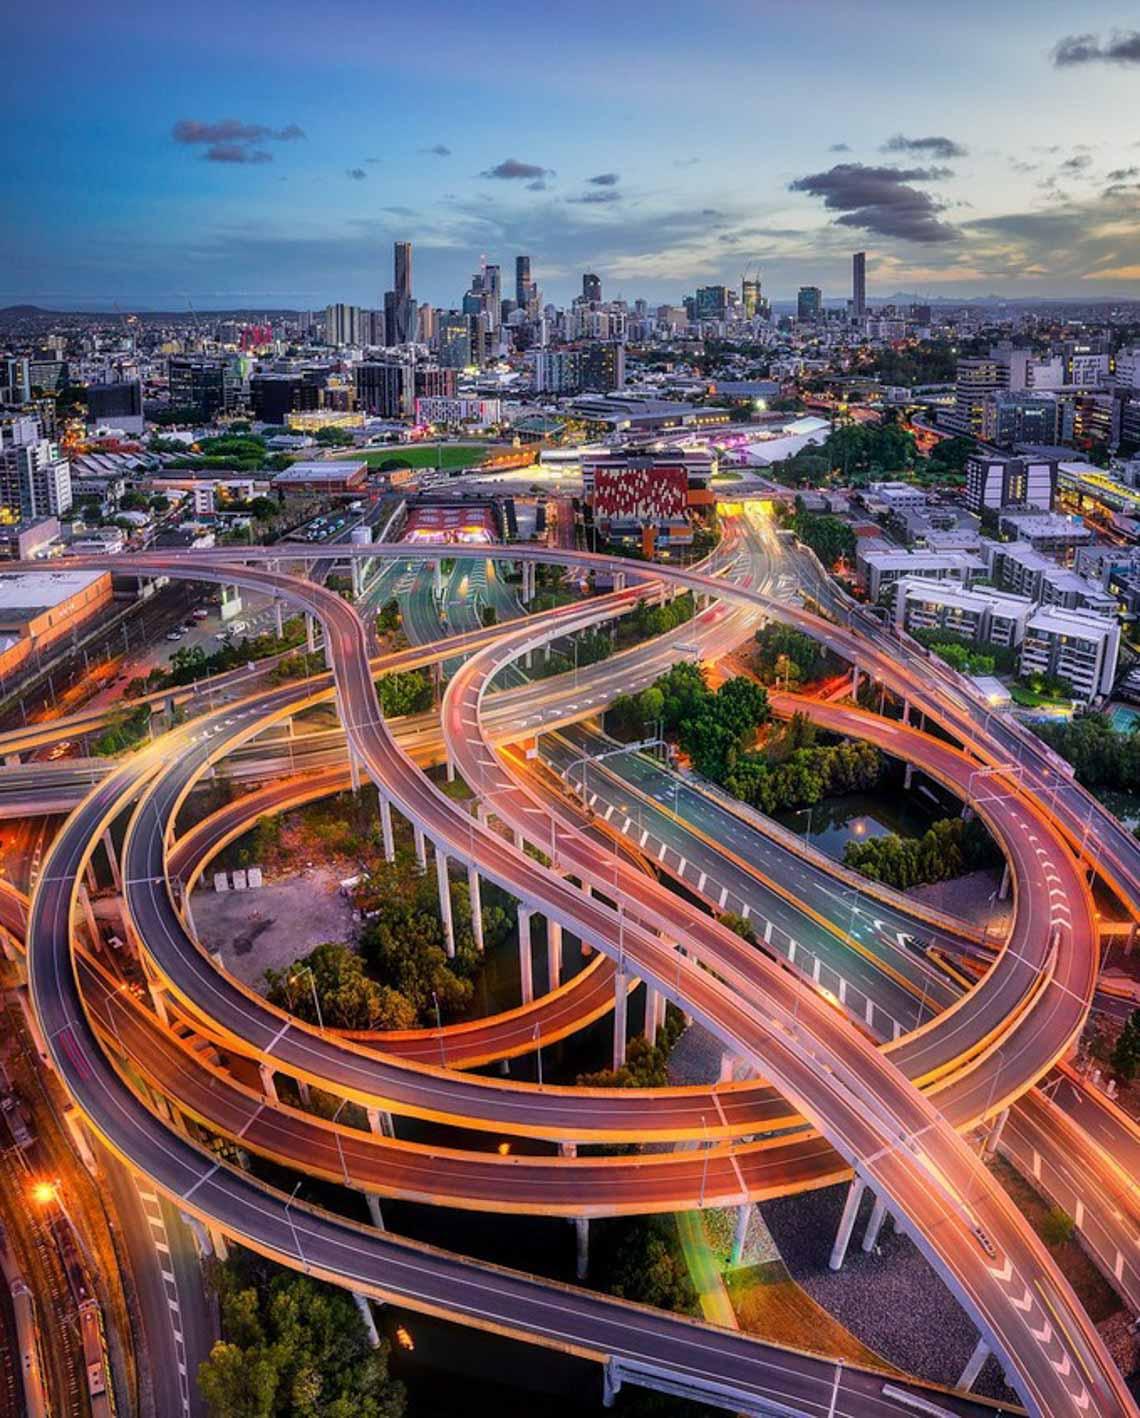 10 bức ảnh đô thị hấp dẫn nhất -2